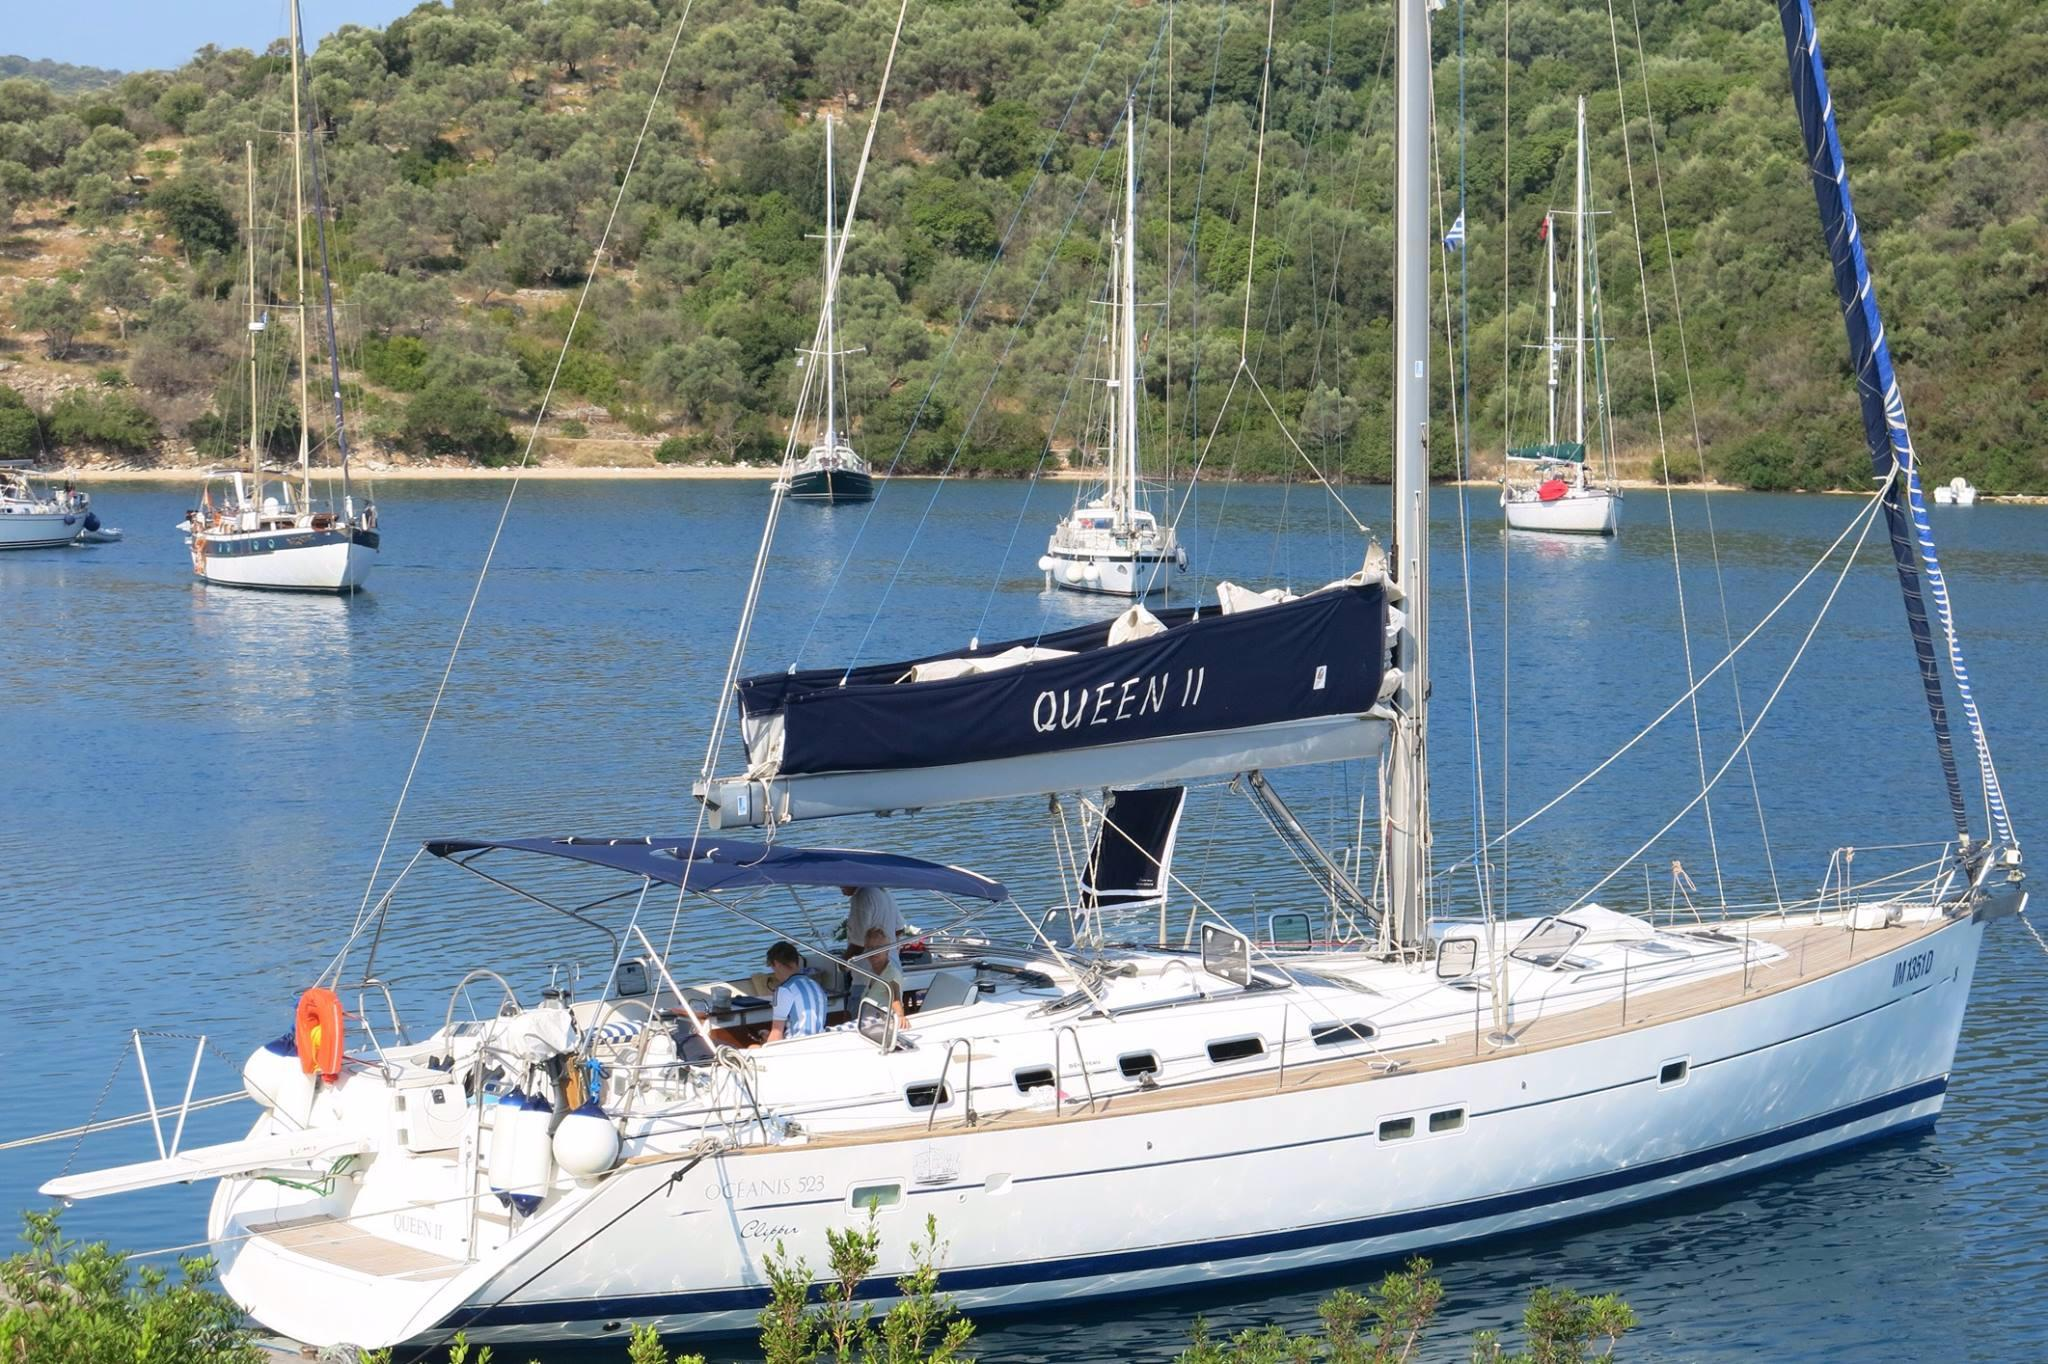 53 Beneteau Queen Ii 2005 Athens Denison Yacht Sales